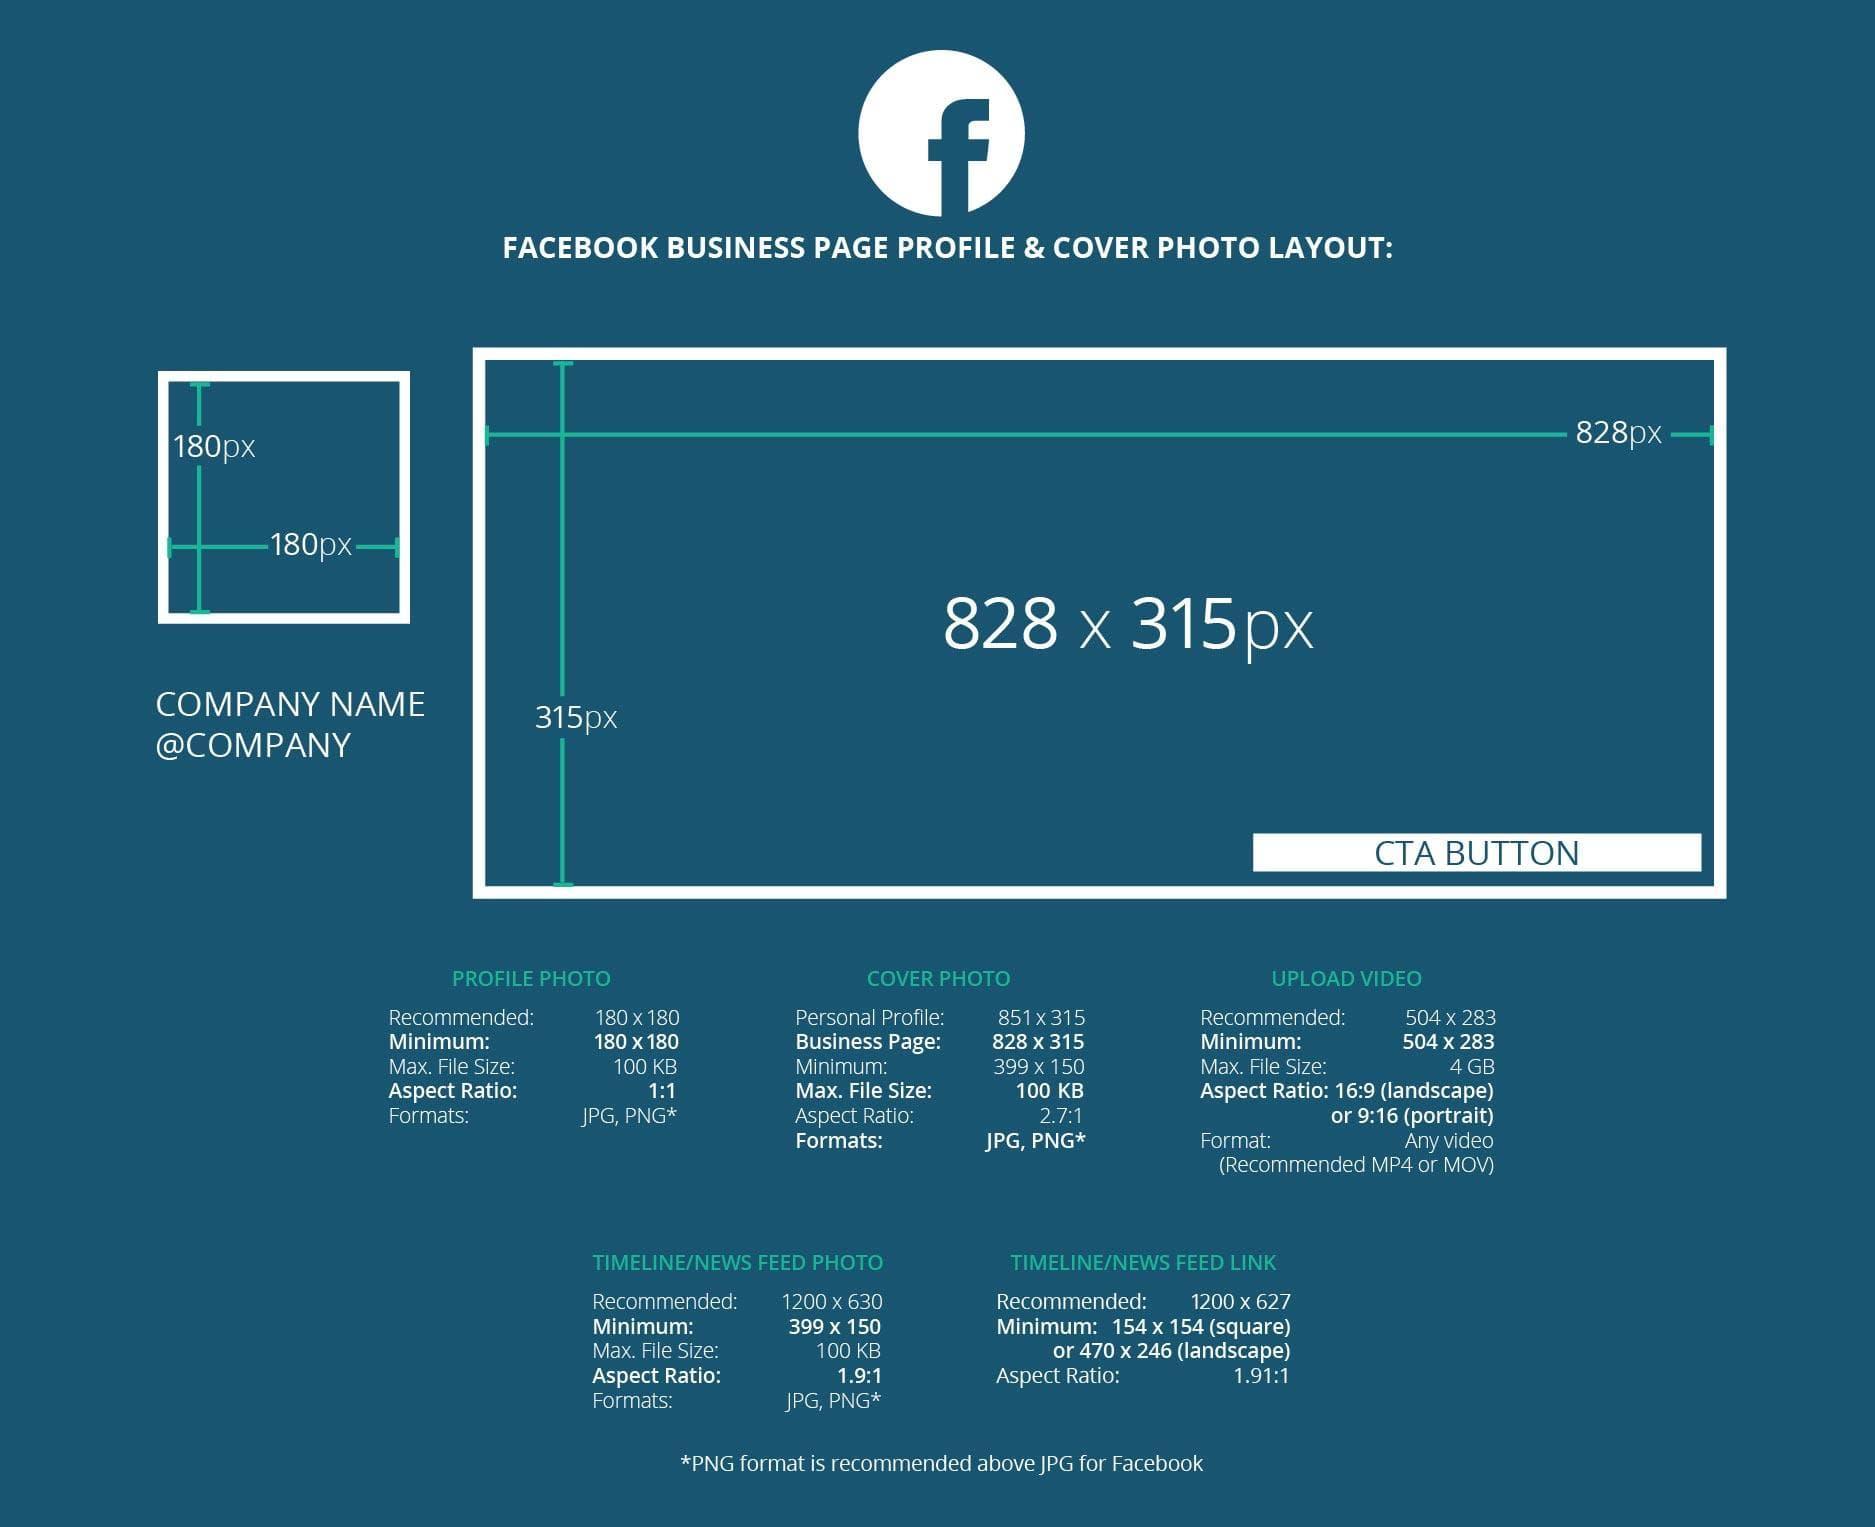 как увеличить конверсию фейсбук с помощью обложки